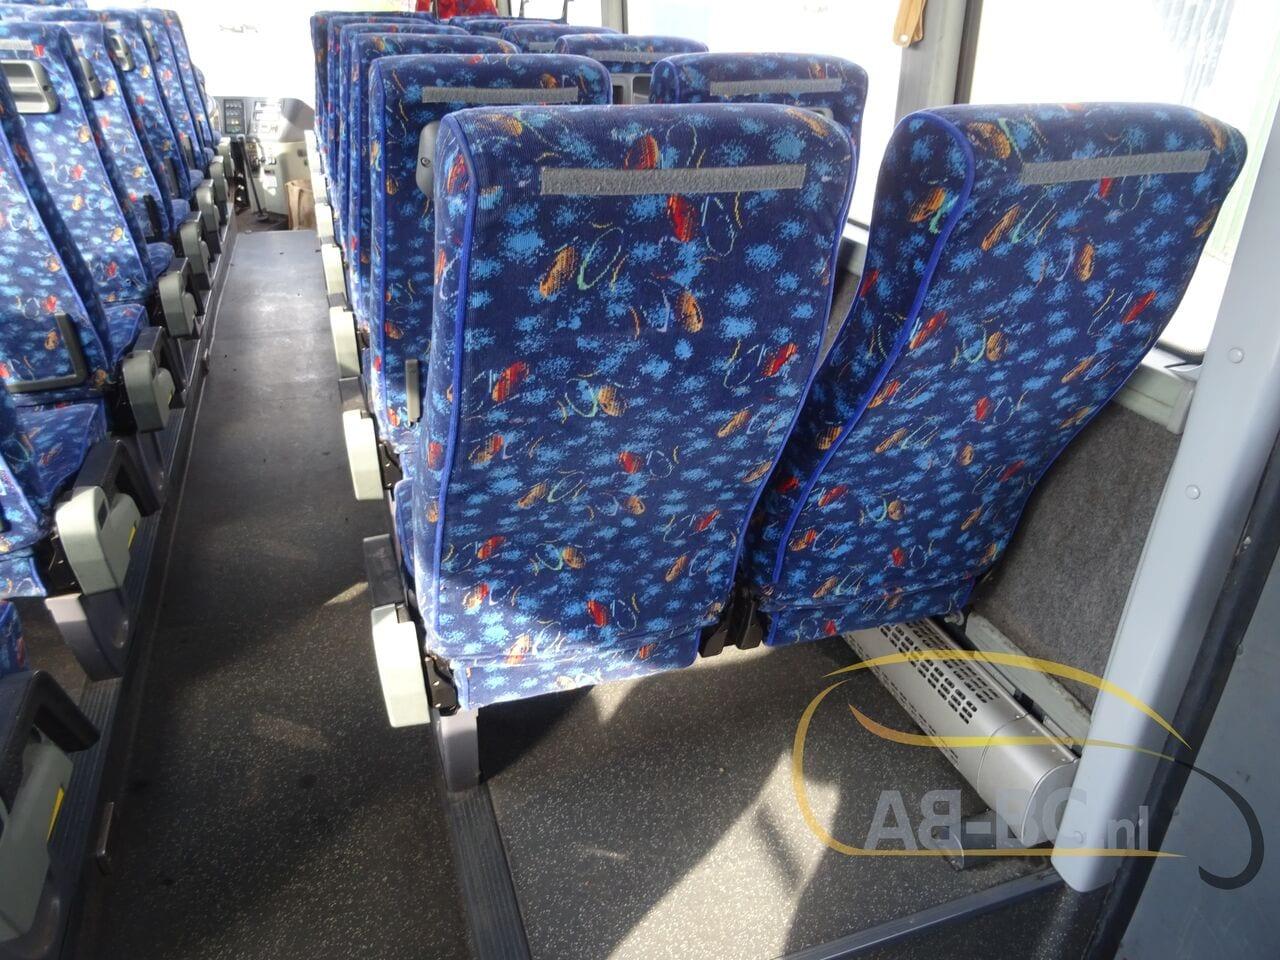 coach-busTEMSA-Safari-RD-65-Seats---1620312055906949088_big_13d844dbb55a9db60f7a3881d5131bca--21050617272795316700